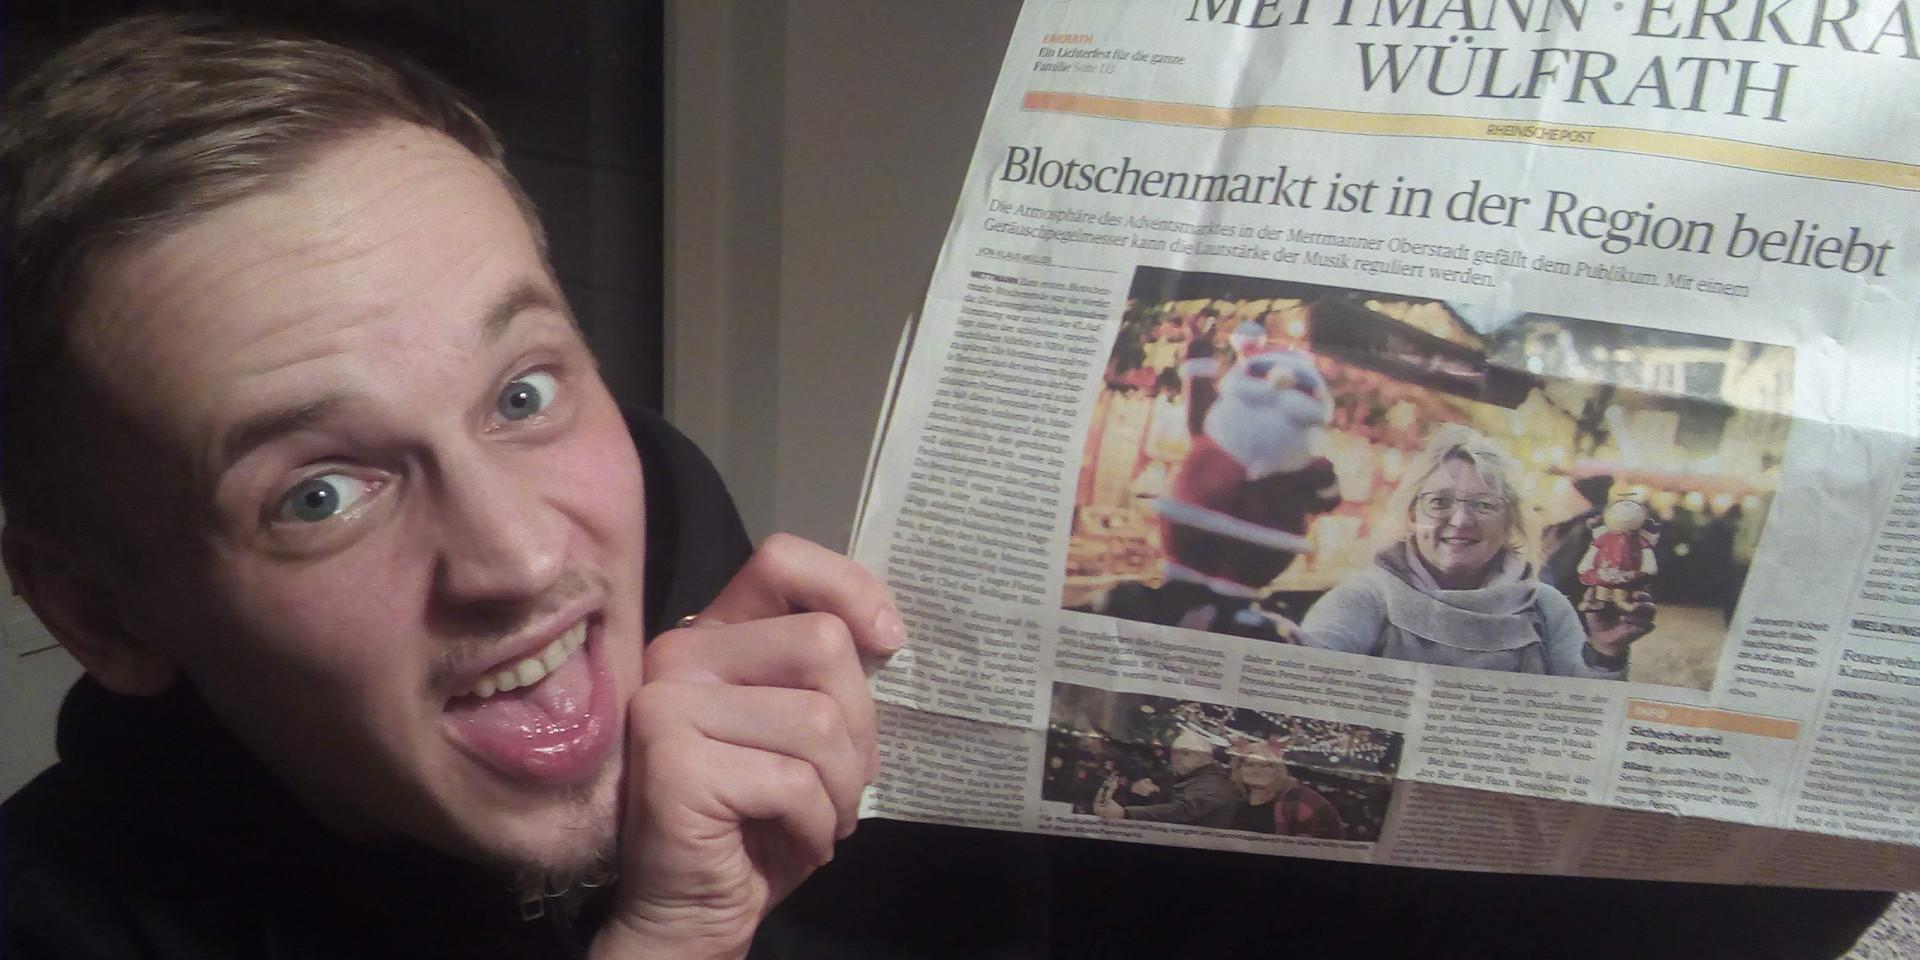 Jeah! Erste Presse!